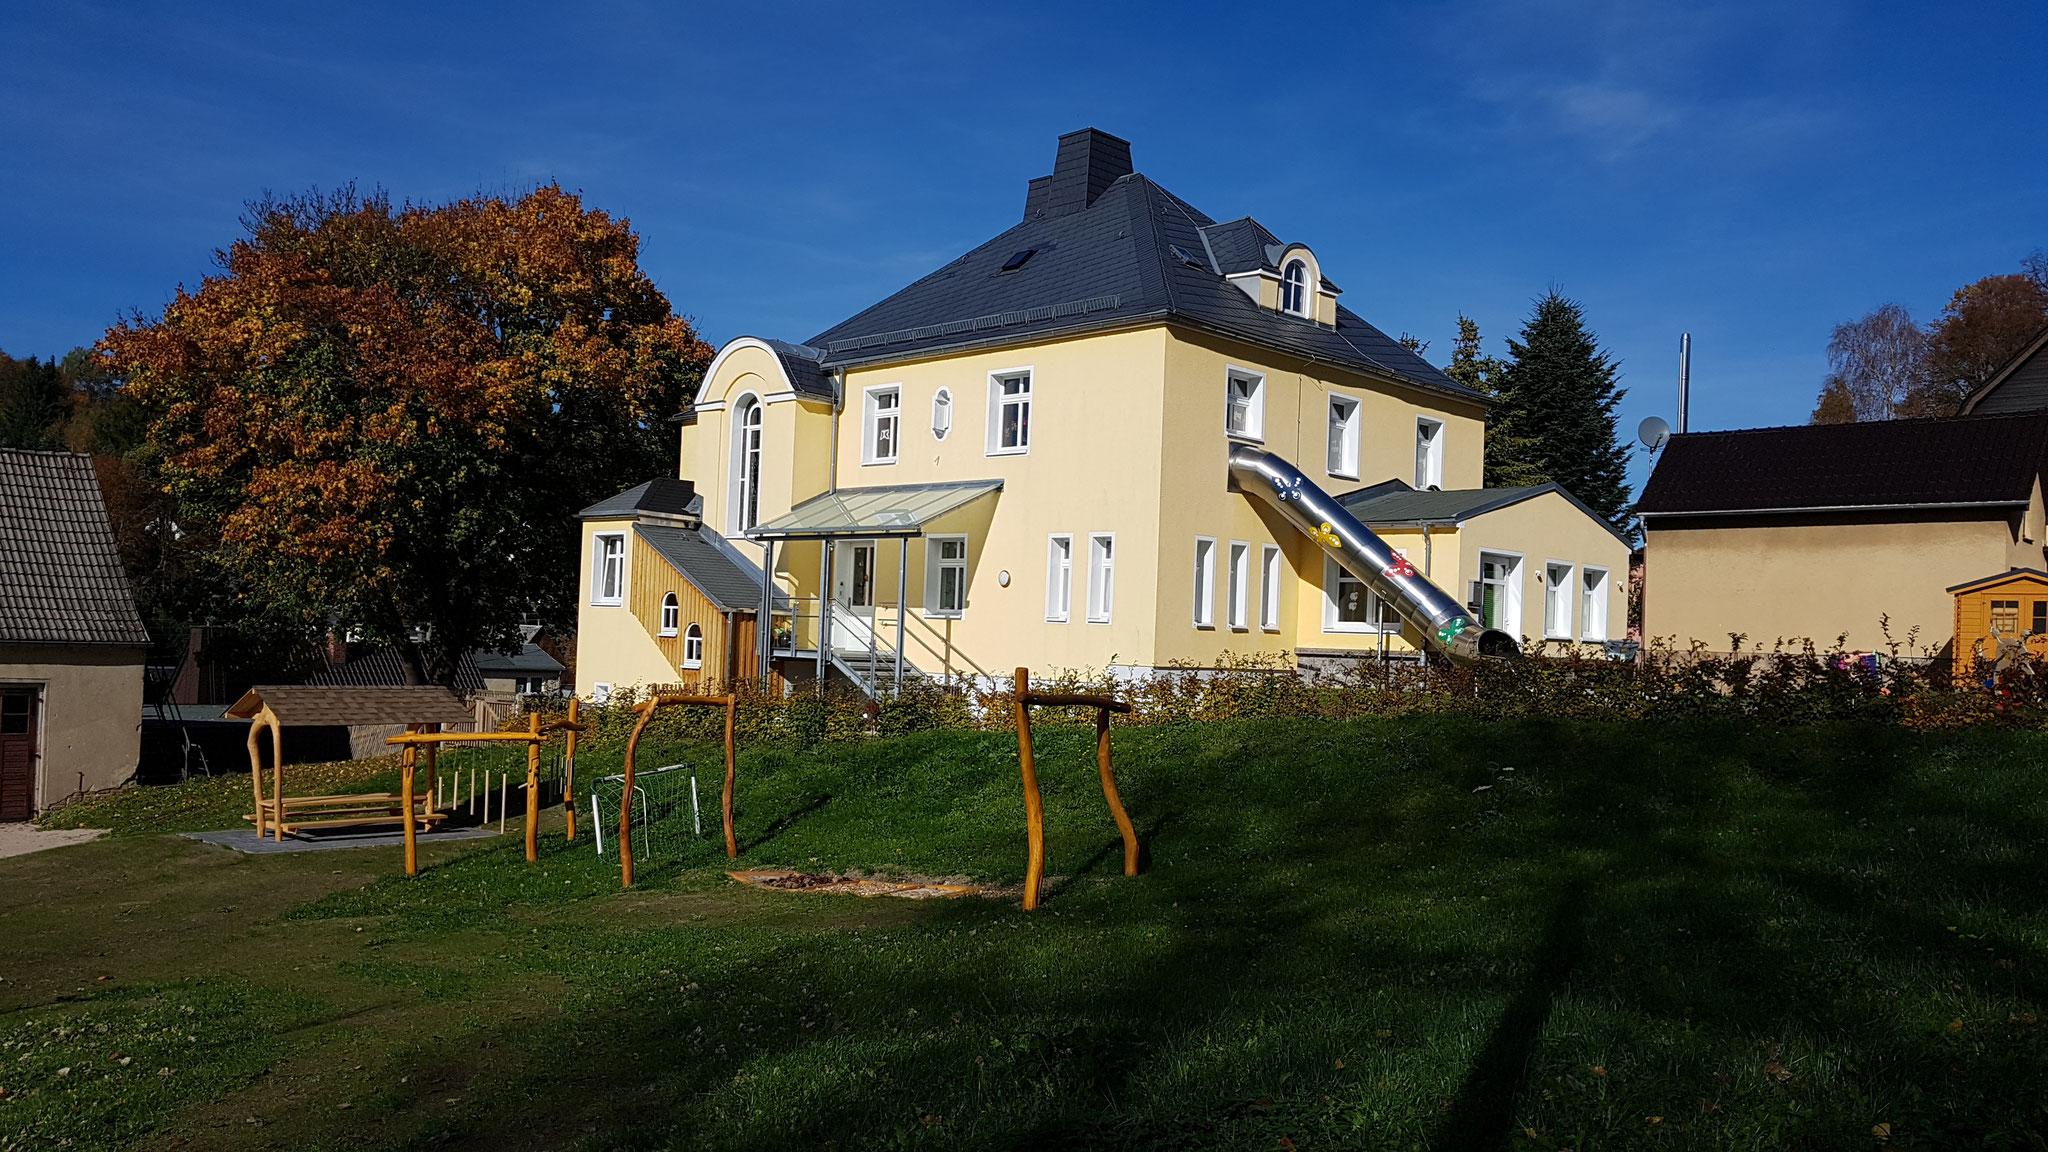 Kindertagesstätte Wernesgrün